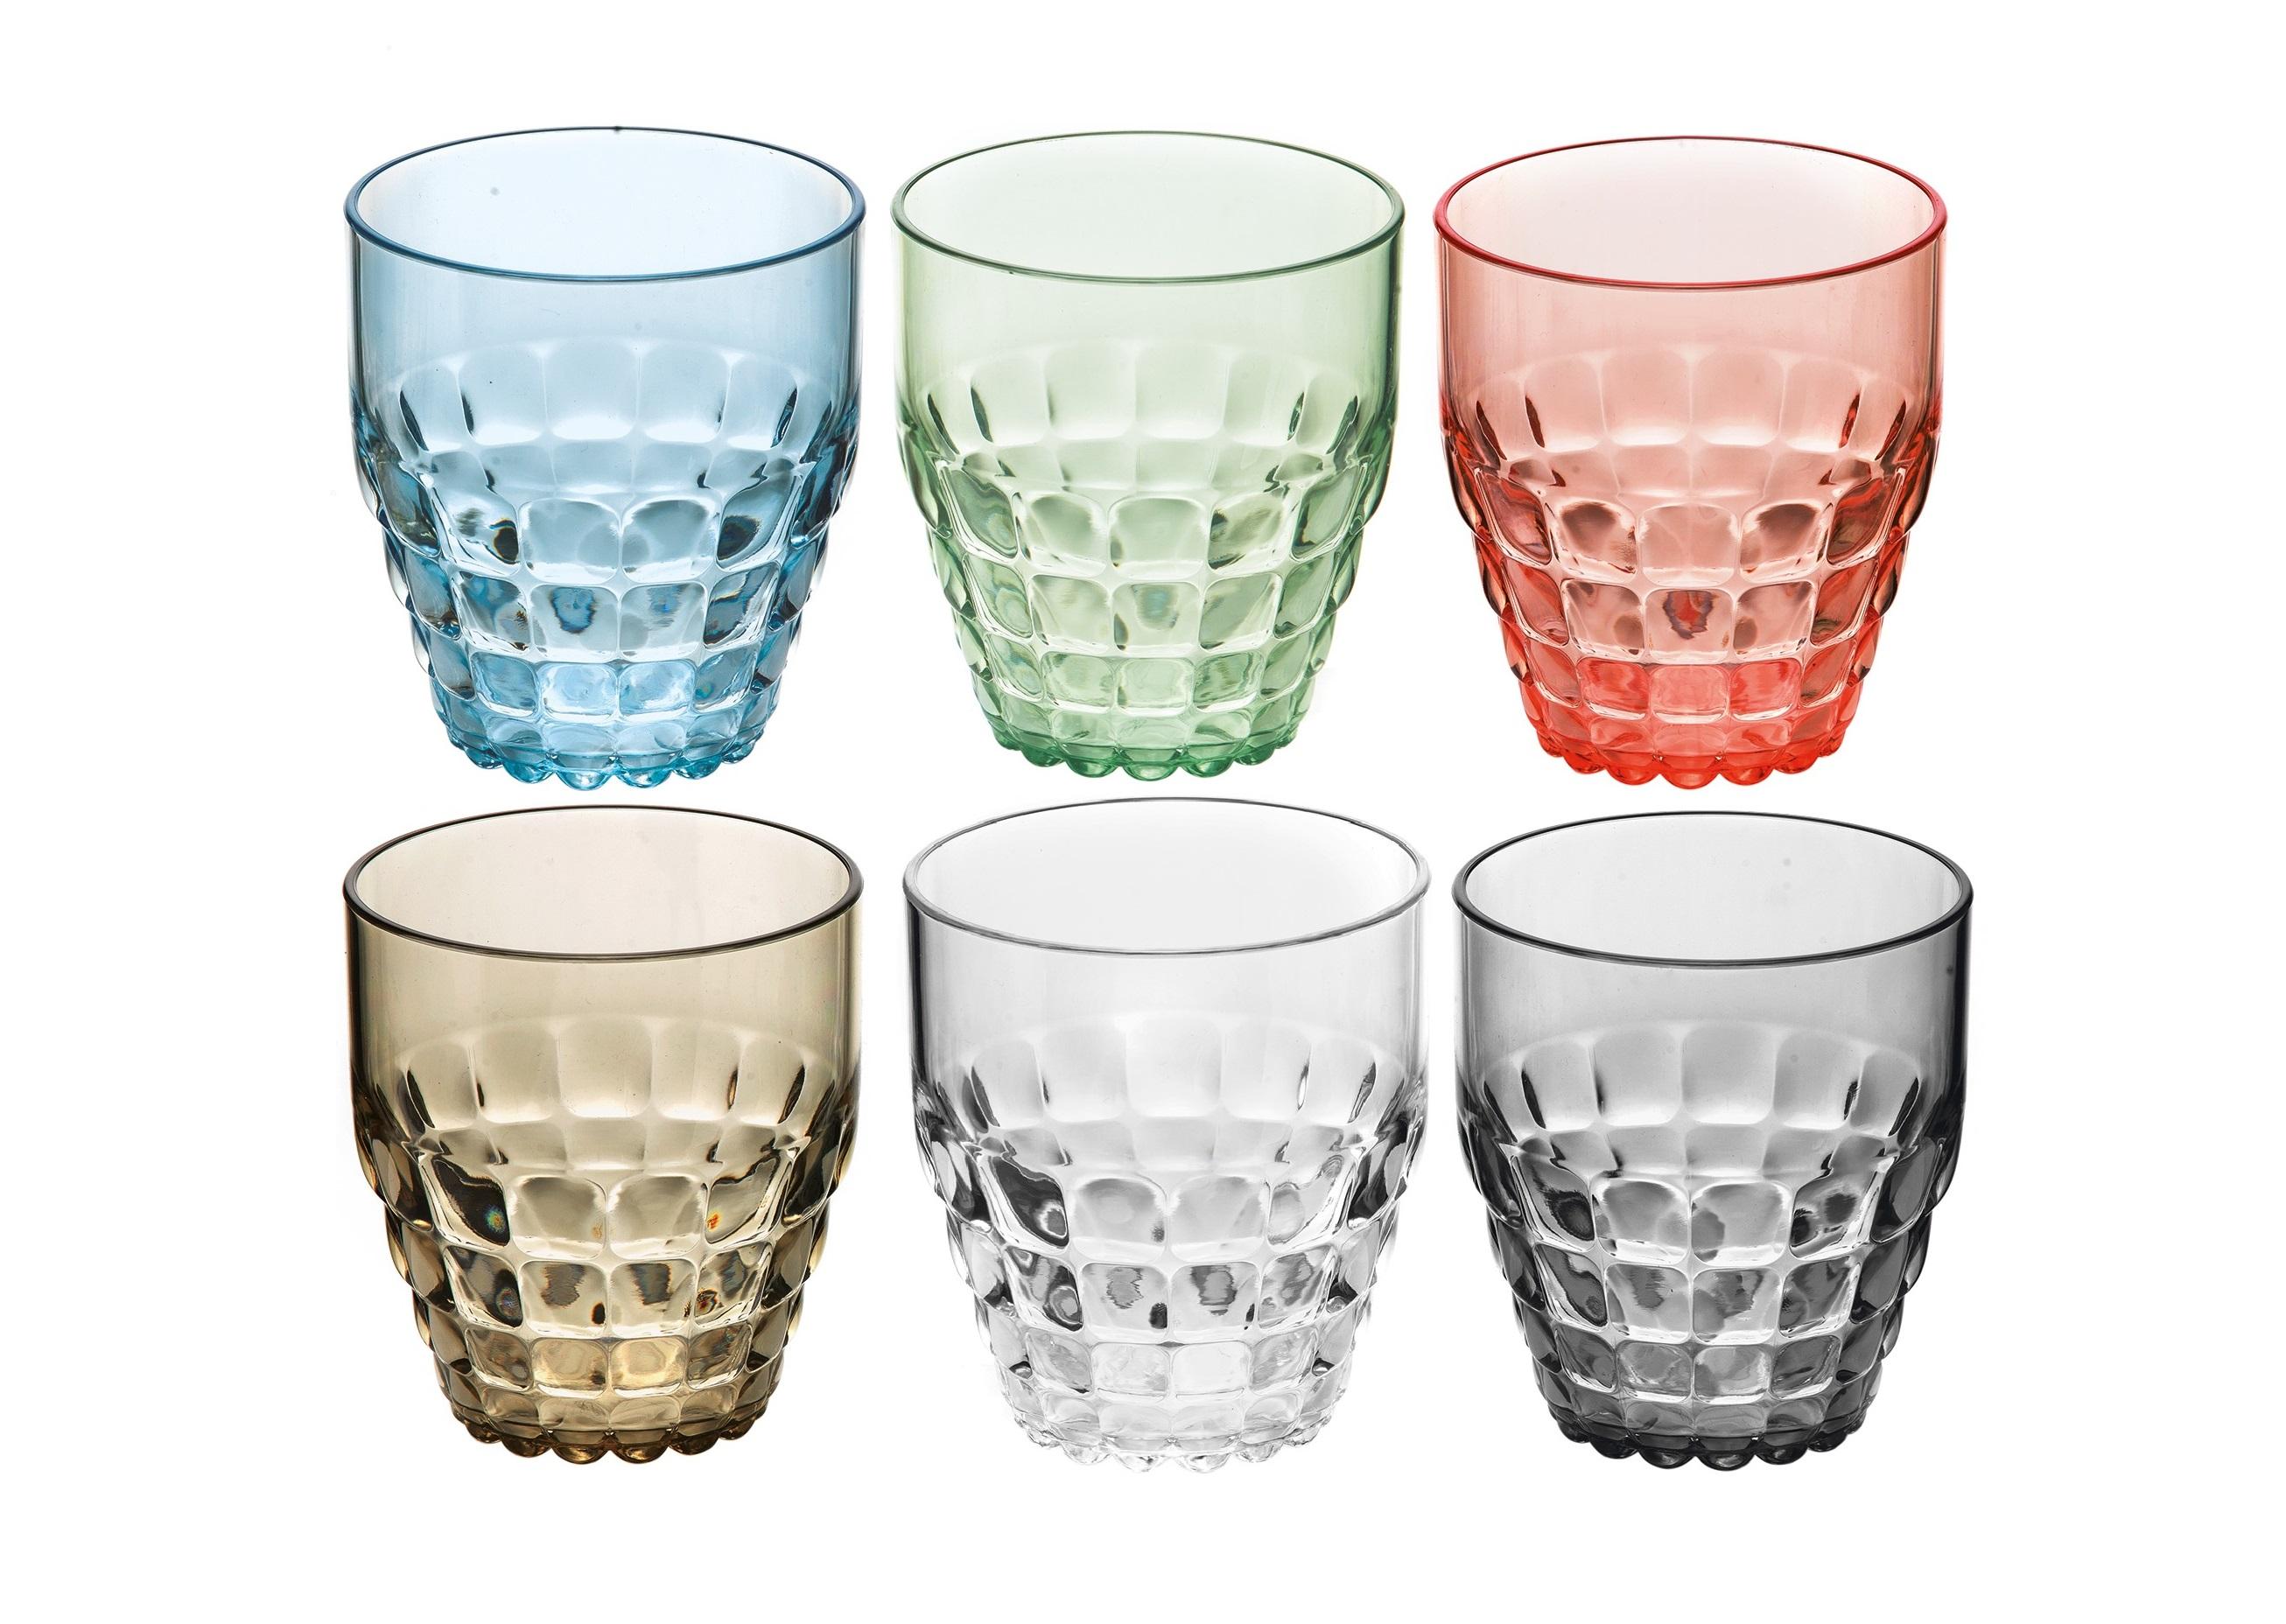 Набор стаканов Tiffany (6шт)Стаканы<br>Легкий и яркий дизайн стаканов Tiffany будто намекает на освежающие лимонады, бодрящие соки и цитрусовые коктейли. Отличается конической формой и прозрачным материалом, который придает стаканам характерный блеск. Сверкающий эффект усиливается на солнечном свету, поэтому стаканы станут отличным решением для подачи напитков на свежем воздухе. Идеально подойдут для использования каждый день - добавят яркий акцент пространству кухни или гостиной. Изготовлены из высококачественного органического стекла, устойчивого к износу и повреждениям.&amp;amp;nbsp;Не содержат вредных примесей и бисфенола-А. Можно мыть в посудомоечной машине.&amp;lt;div&amp;gt;&amp;lt;br&amp;gt;&amp;lt;/div&amp;gt;&amp;lt;div&amp;gt;Объем - 350 мл.&amp;amp;nbsp;&amp;lt;br&amp;gt;&amp;lt;/div&amp;gt;<br><br>Material: Стекло<br>Ширина см: 27<br>Высота см: 16<br>Глубина см: 9